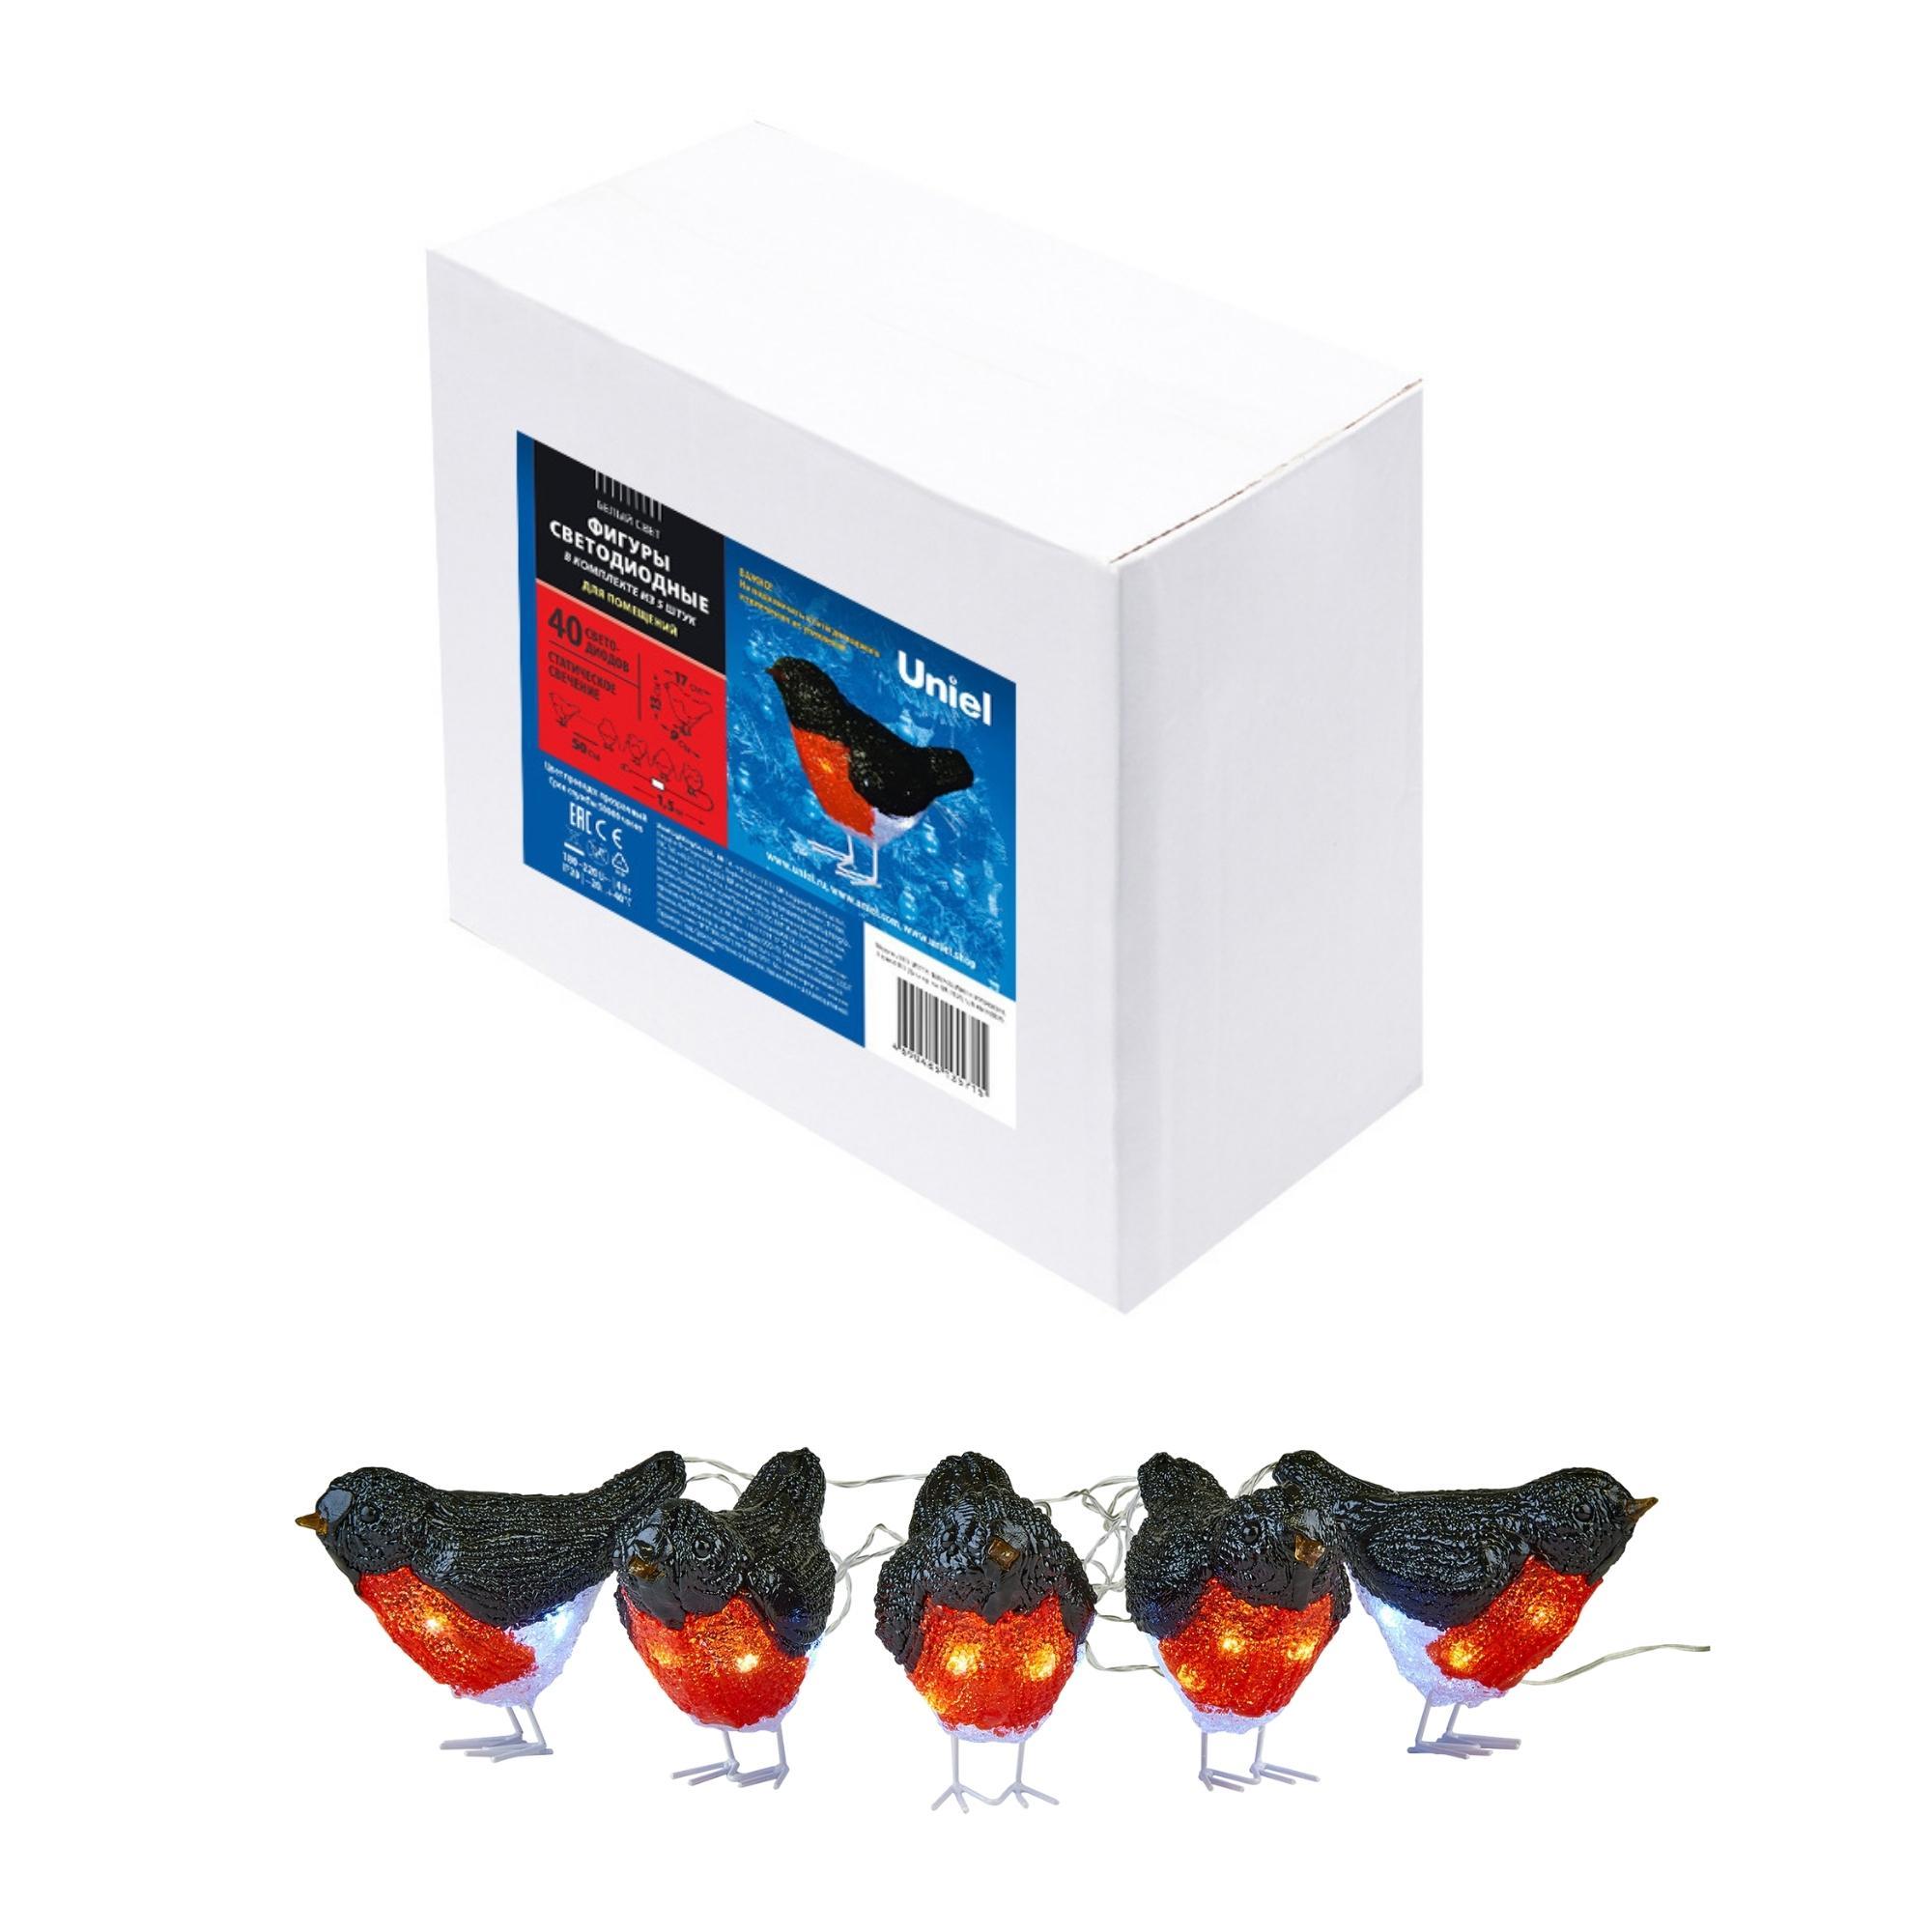 ULD-M1713-040/STA WHITE IP20 BIRDS5